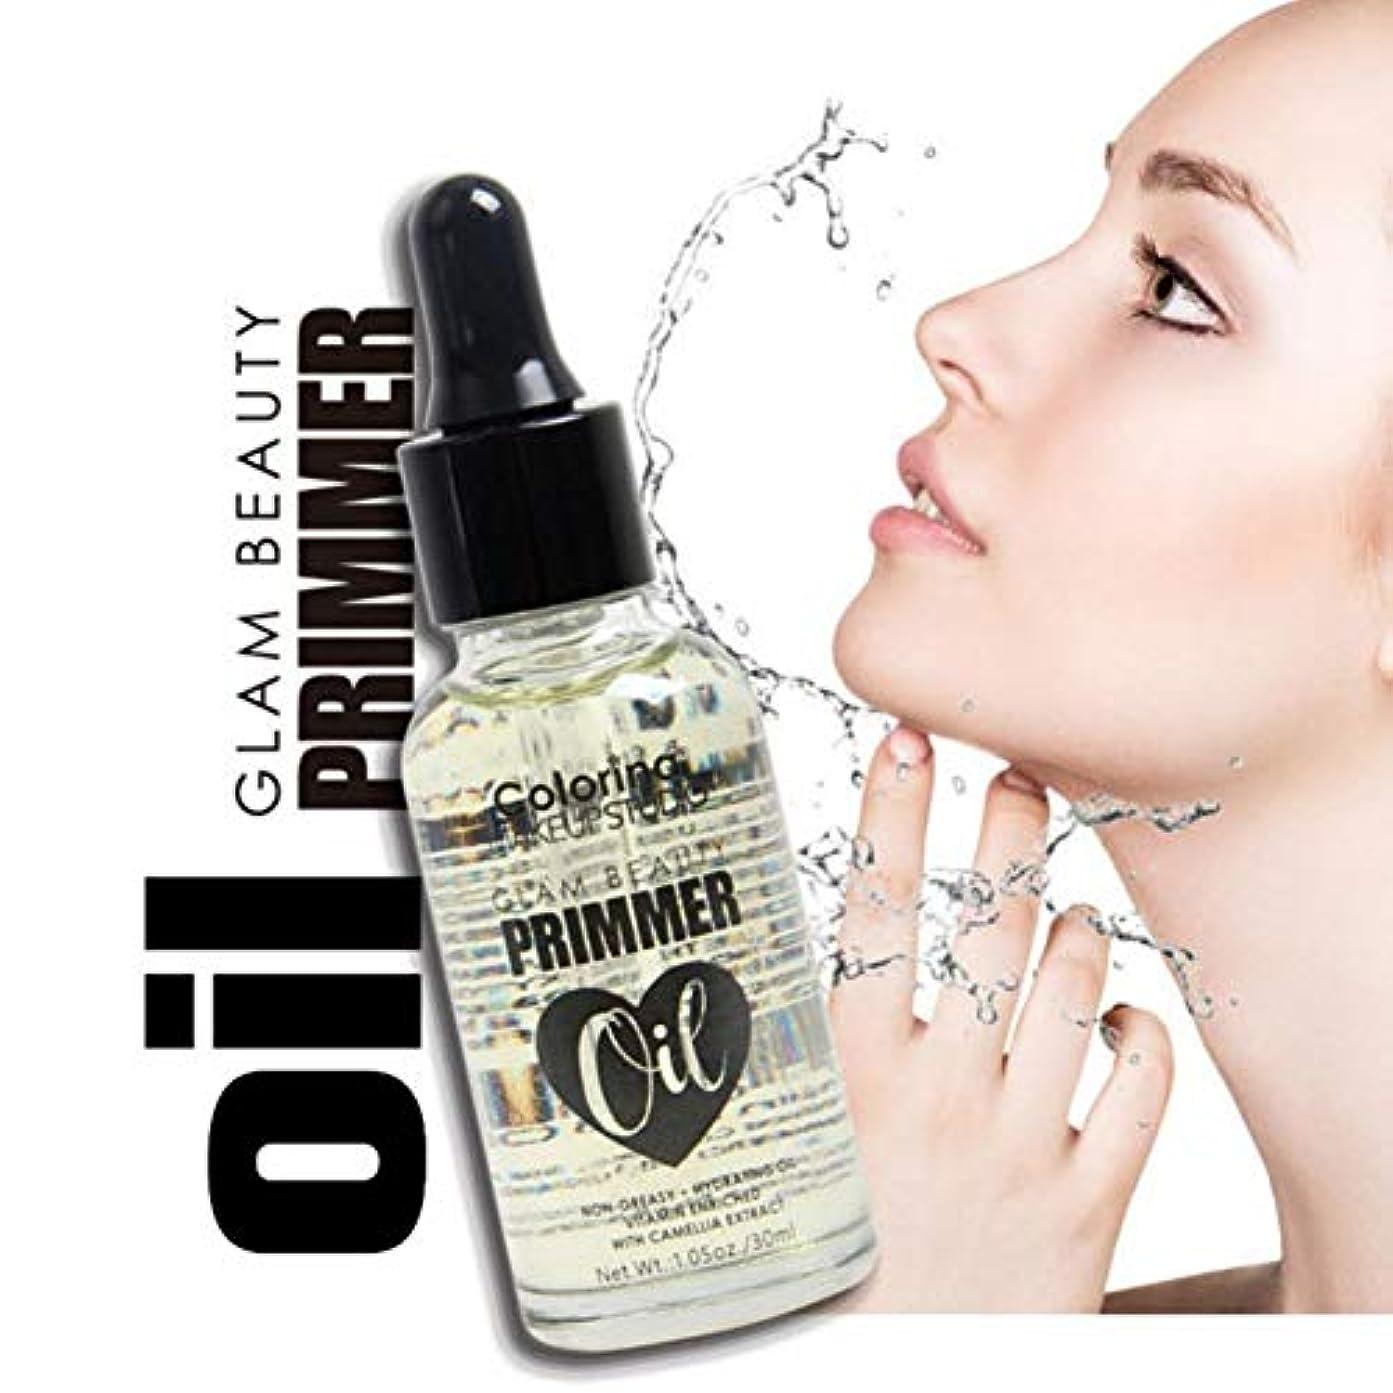 単位土曜日注入化粧前のエッセンシャルオイル-非GMO-コールドプレス-天然保湿剤&化粧落とし-保湿性収縮毛穴栄養肌フェイスメイクプライマー